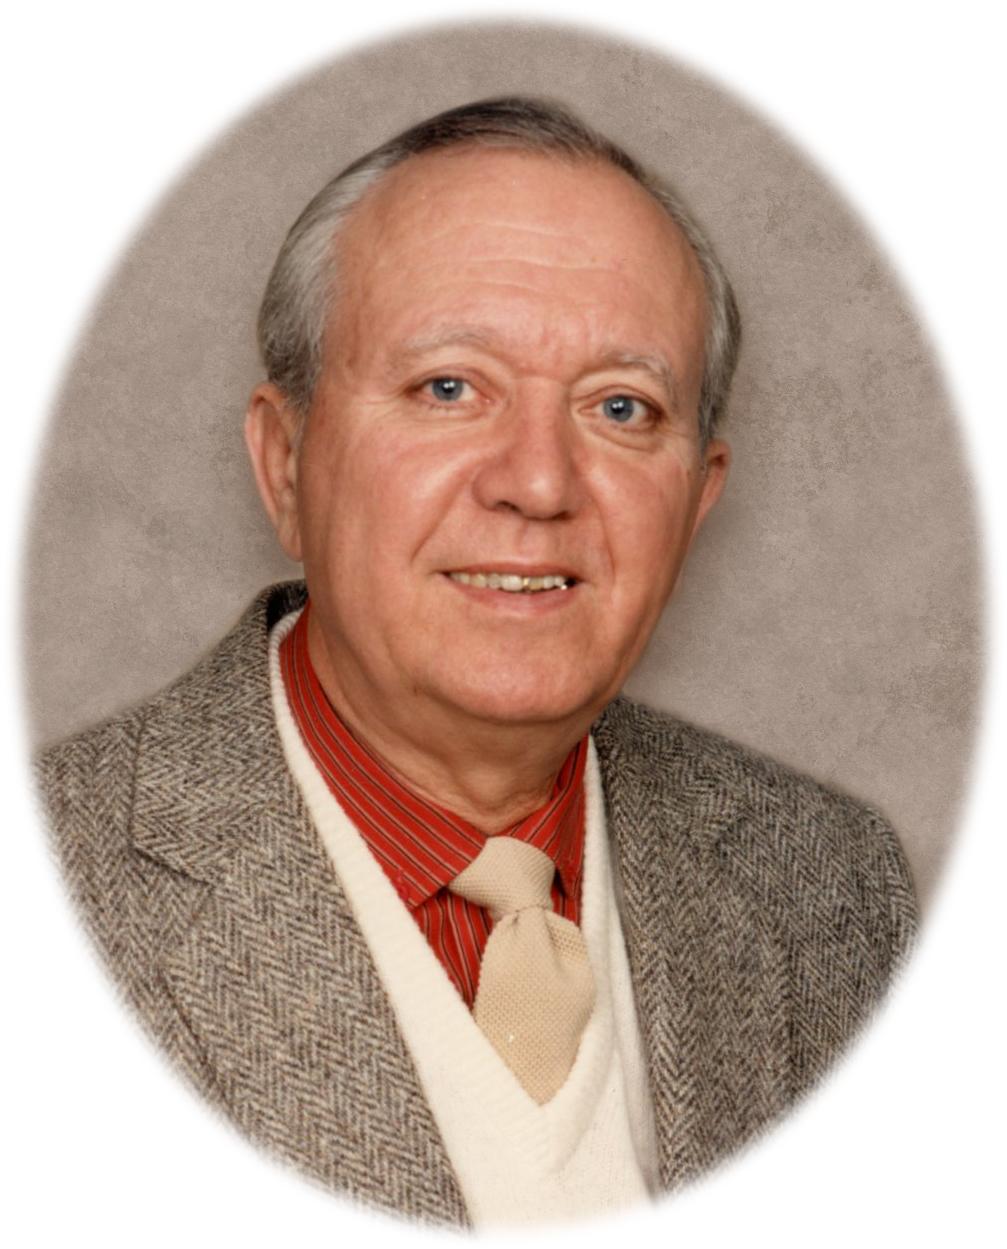 Chester M. Stefanski